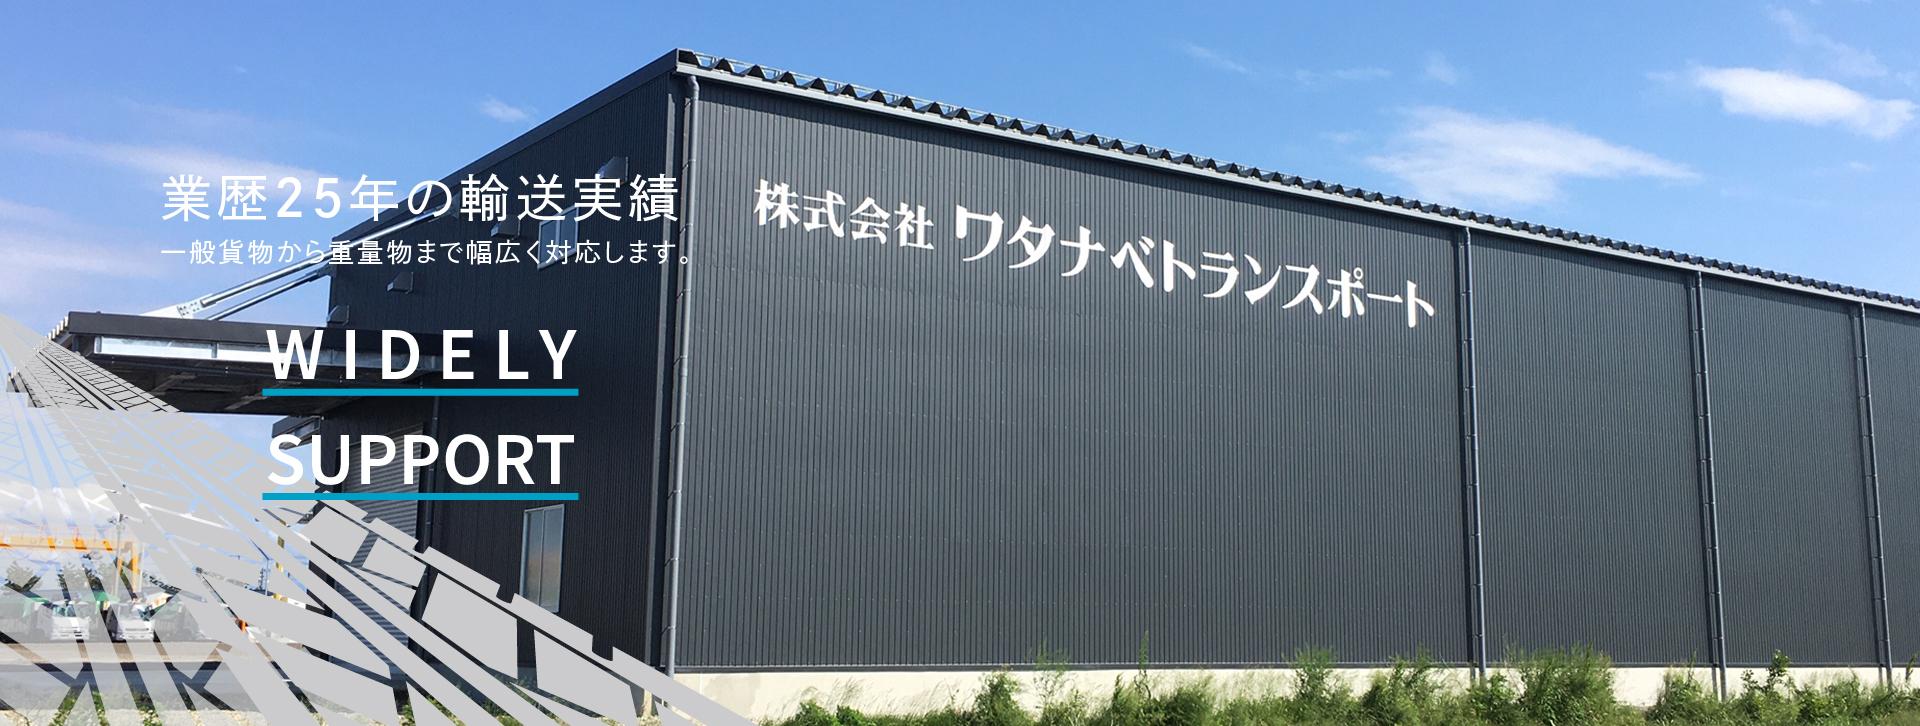 一般貨物から重量物輸送まで、新潟県の運送業者ワタナベトランスポート